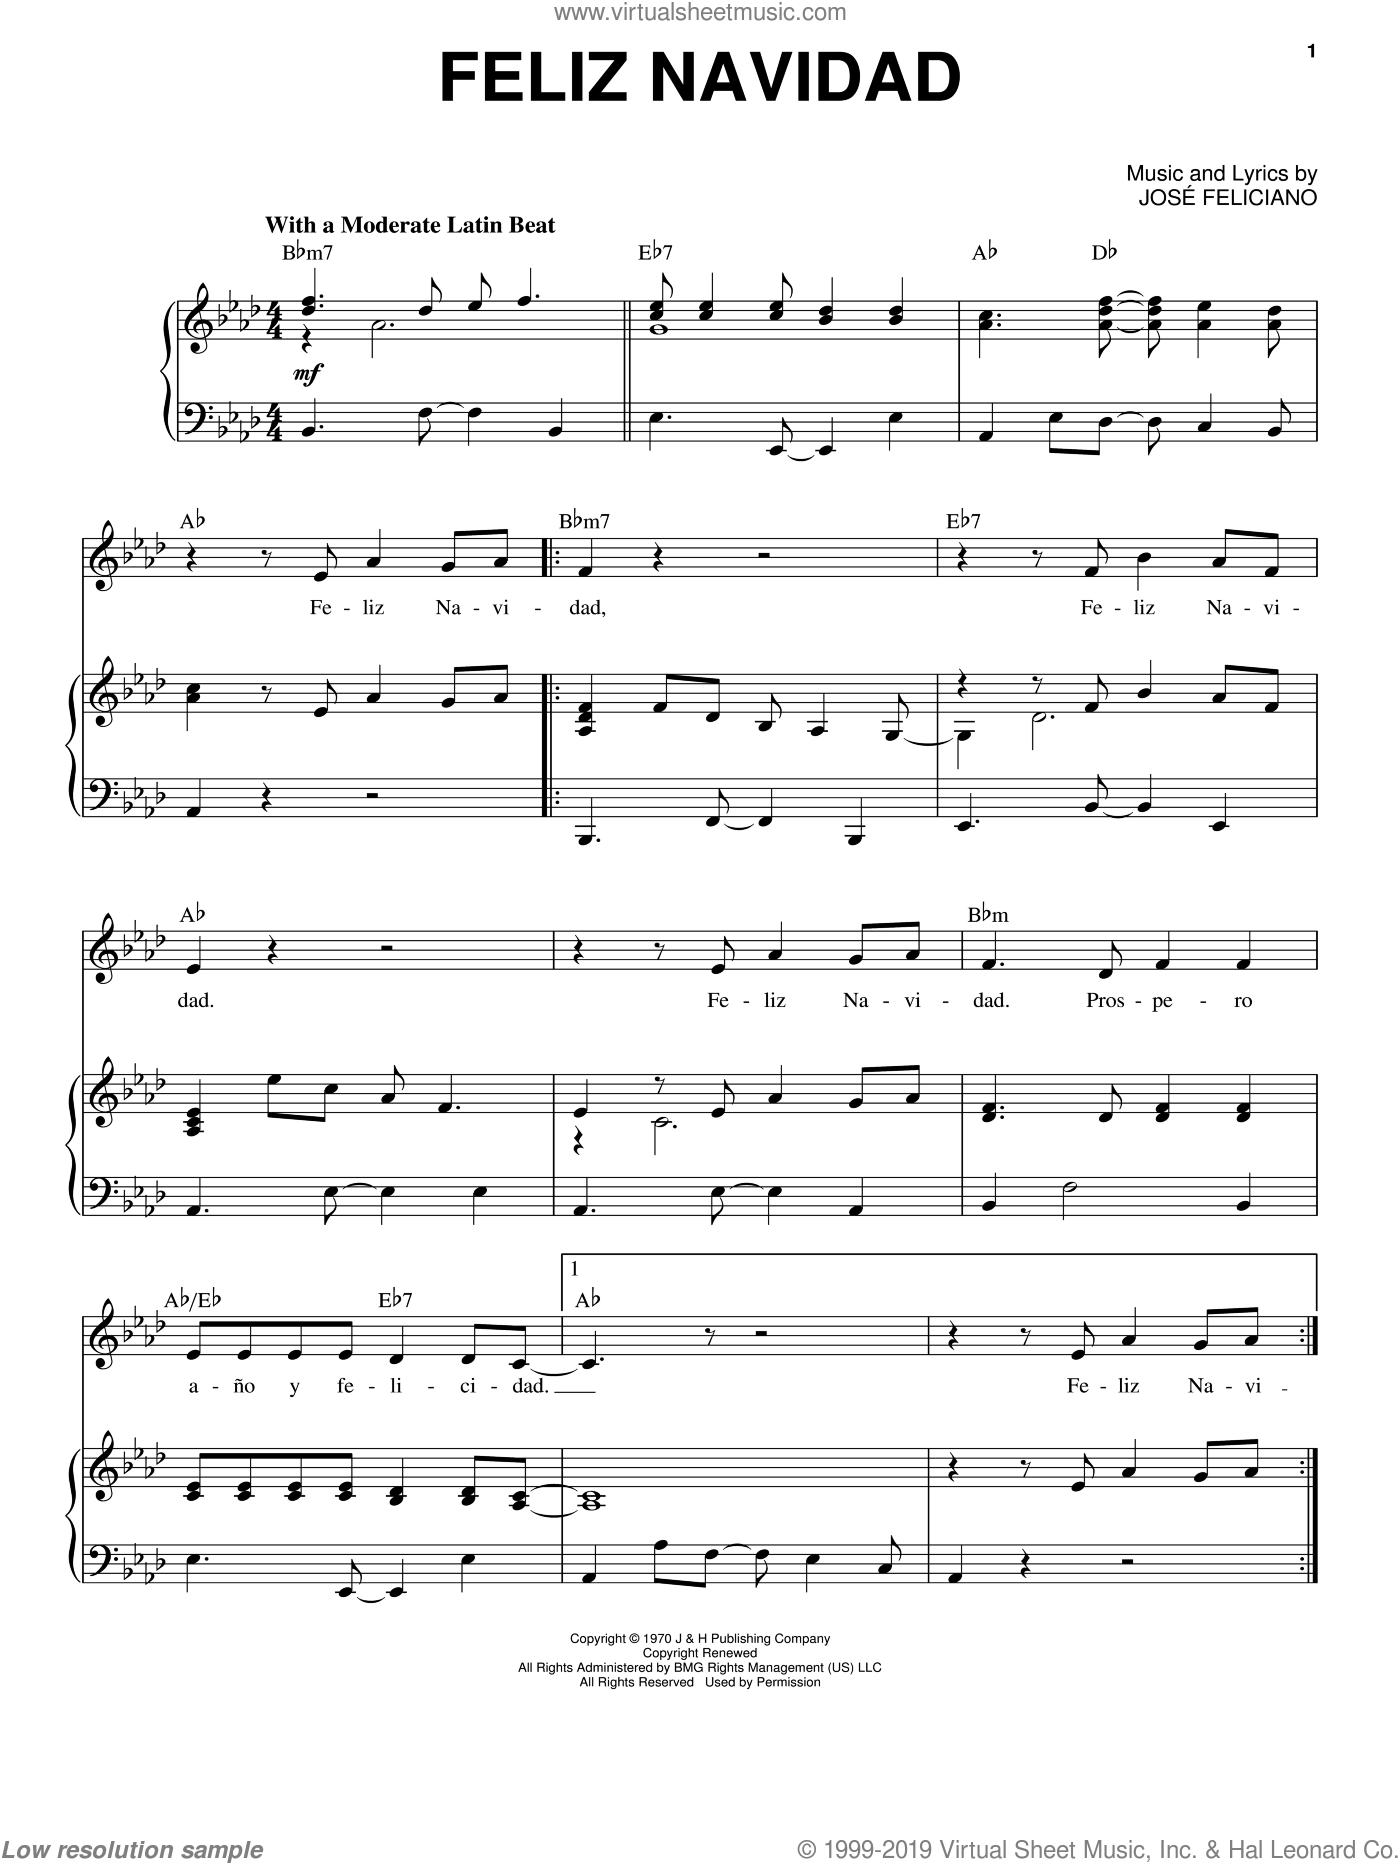 feliciano feliz navidad sheet music for voice and piano pdf feliciano feliz navidad sheet music for voice and piano pdf